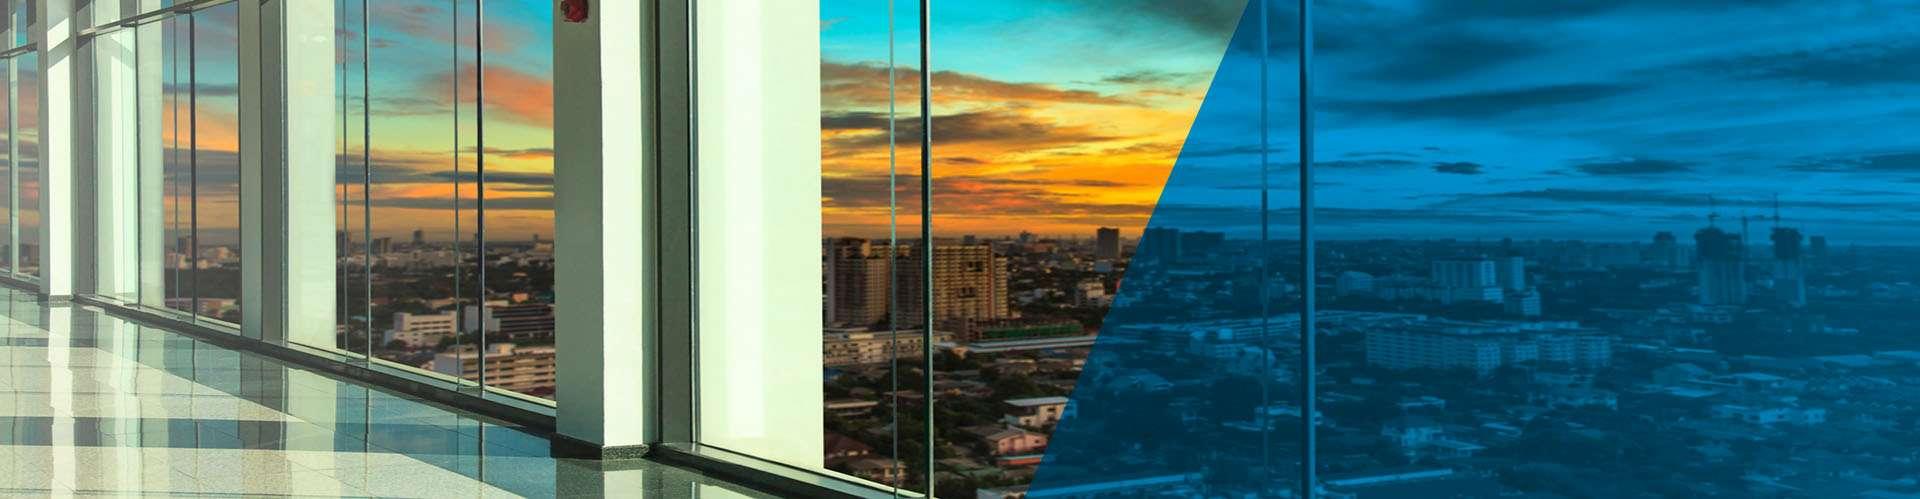 Full Size of Fenster Kaufen In Polen Gnstig Online Kunststofffenster Aus Tauschen Bodengleiche Dusche Nachträglich Einbauen Einbruchsichere Insektenschutzgitter Regal Fenster Fenster Kaufen In Polen